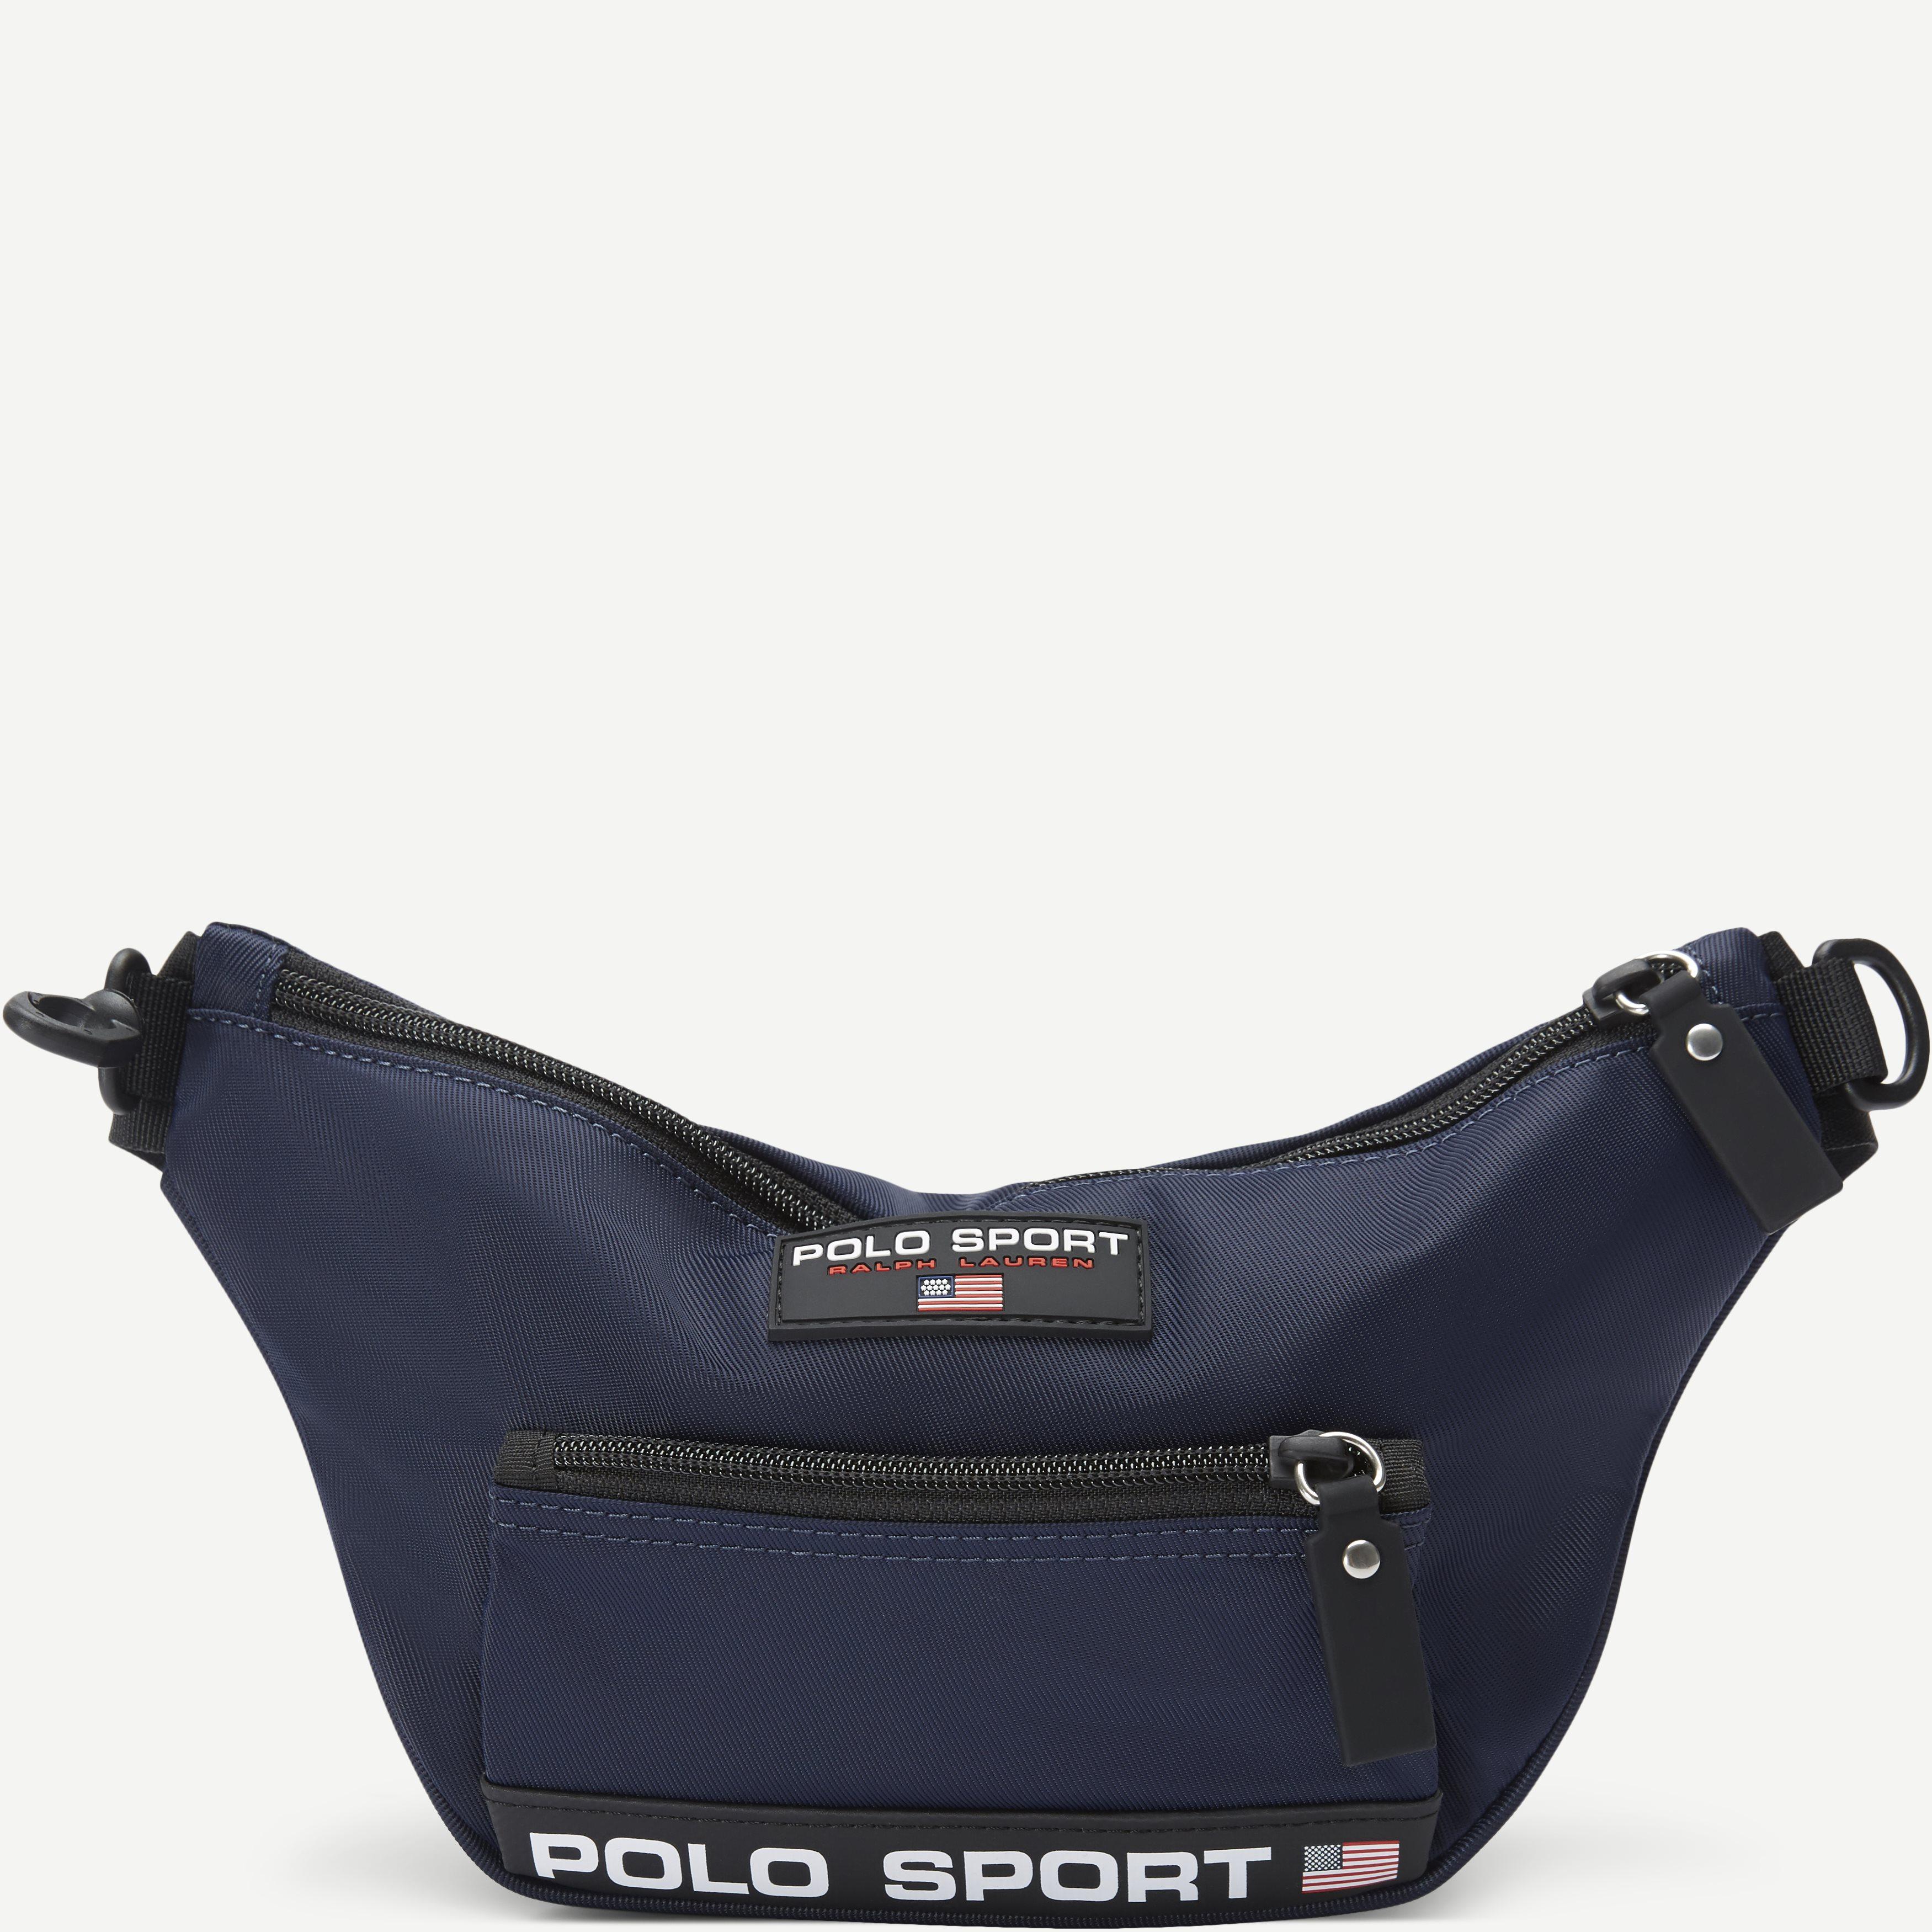 Nylon Polo Sport Waist Bag - Tasker - Blå